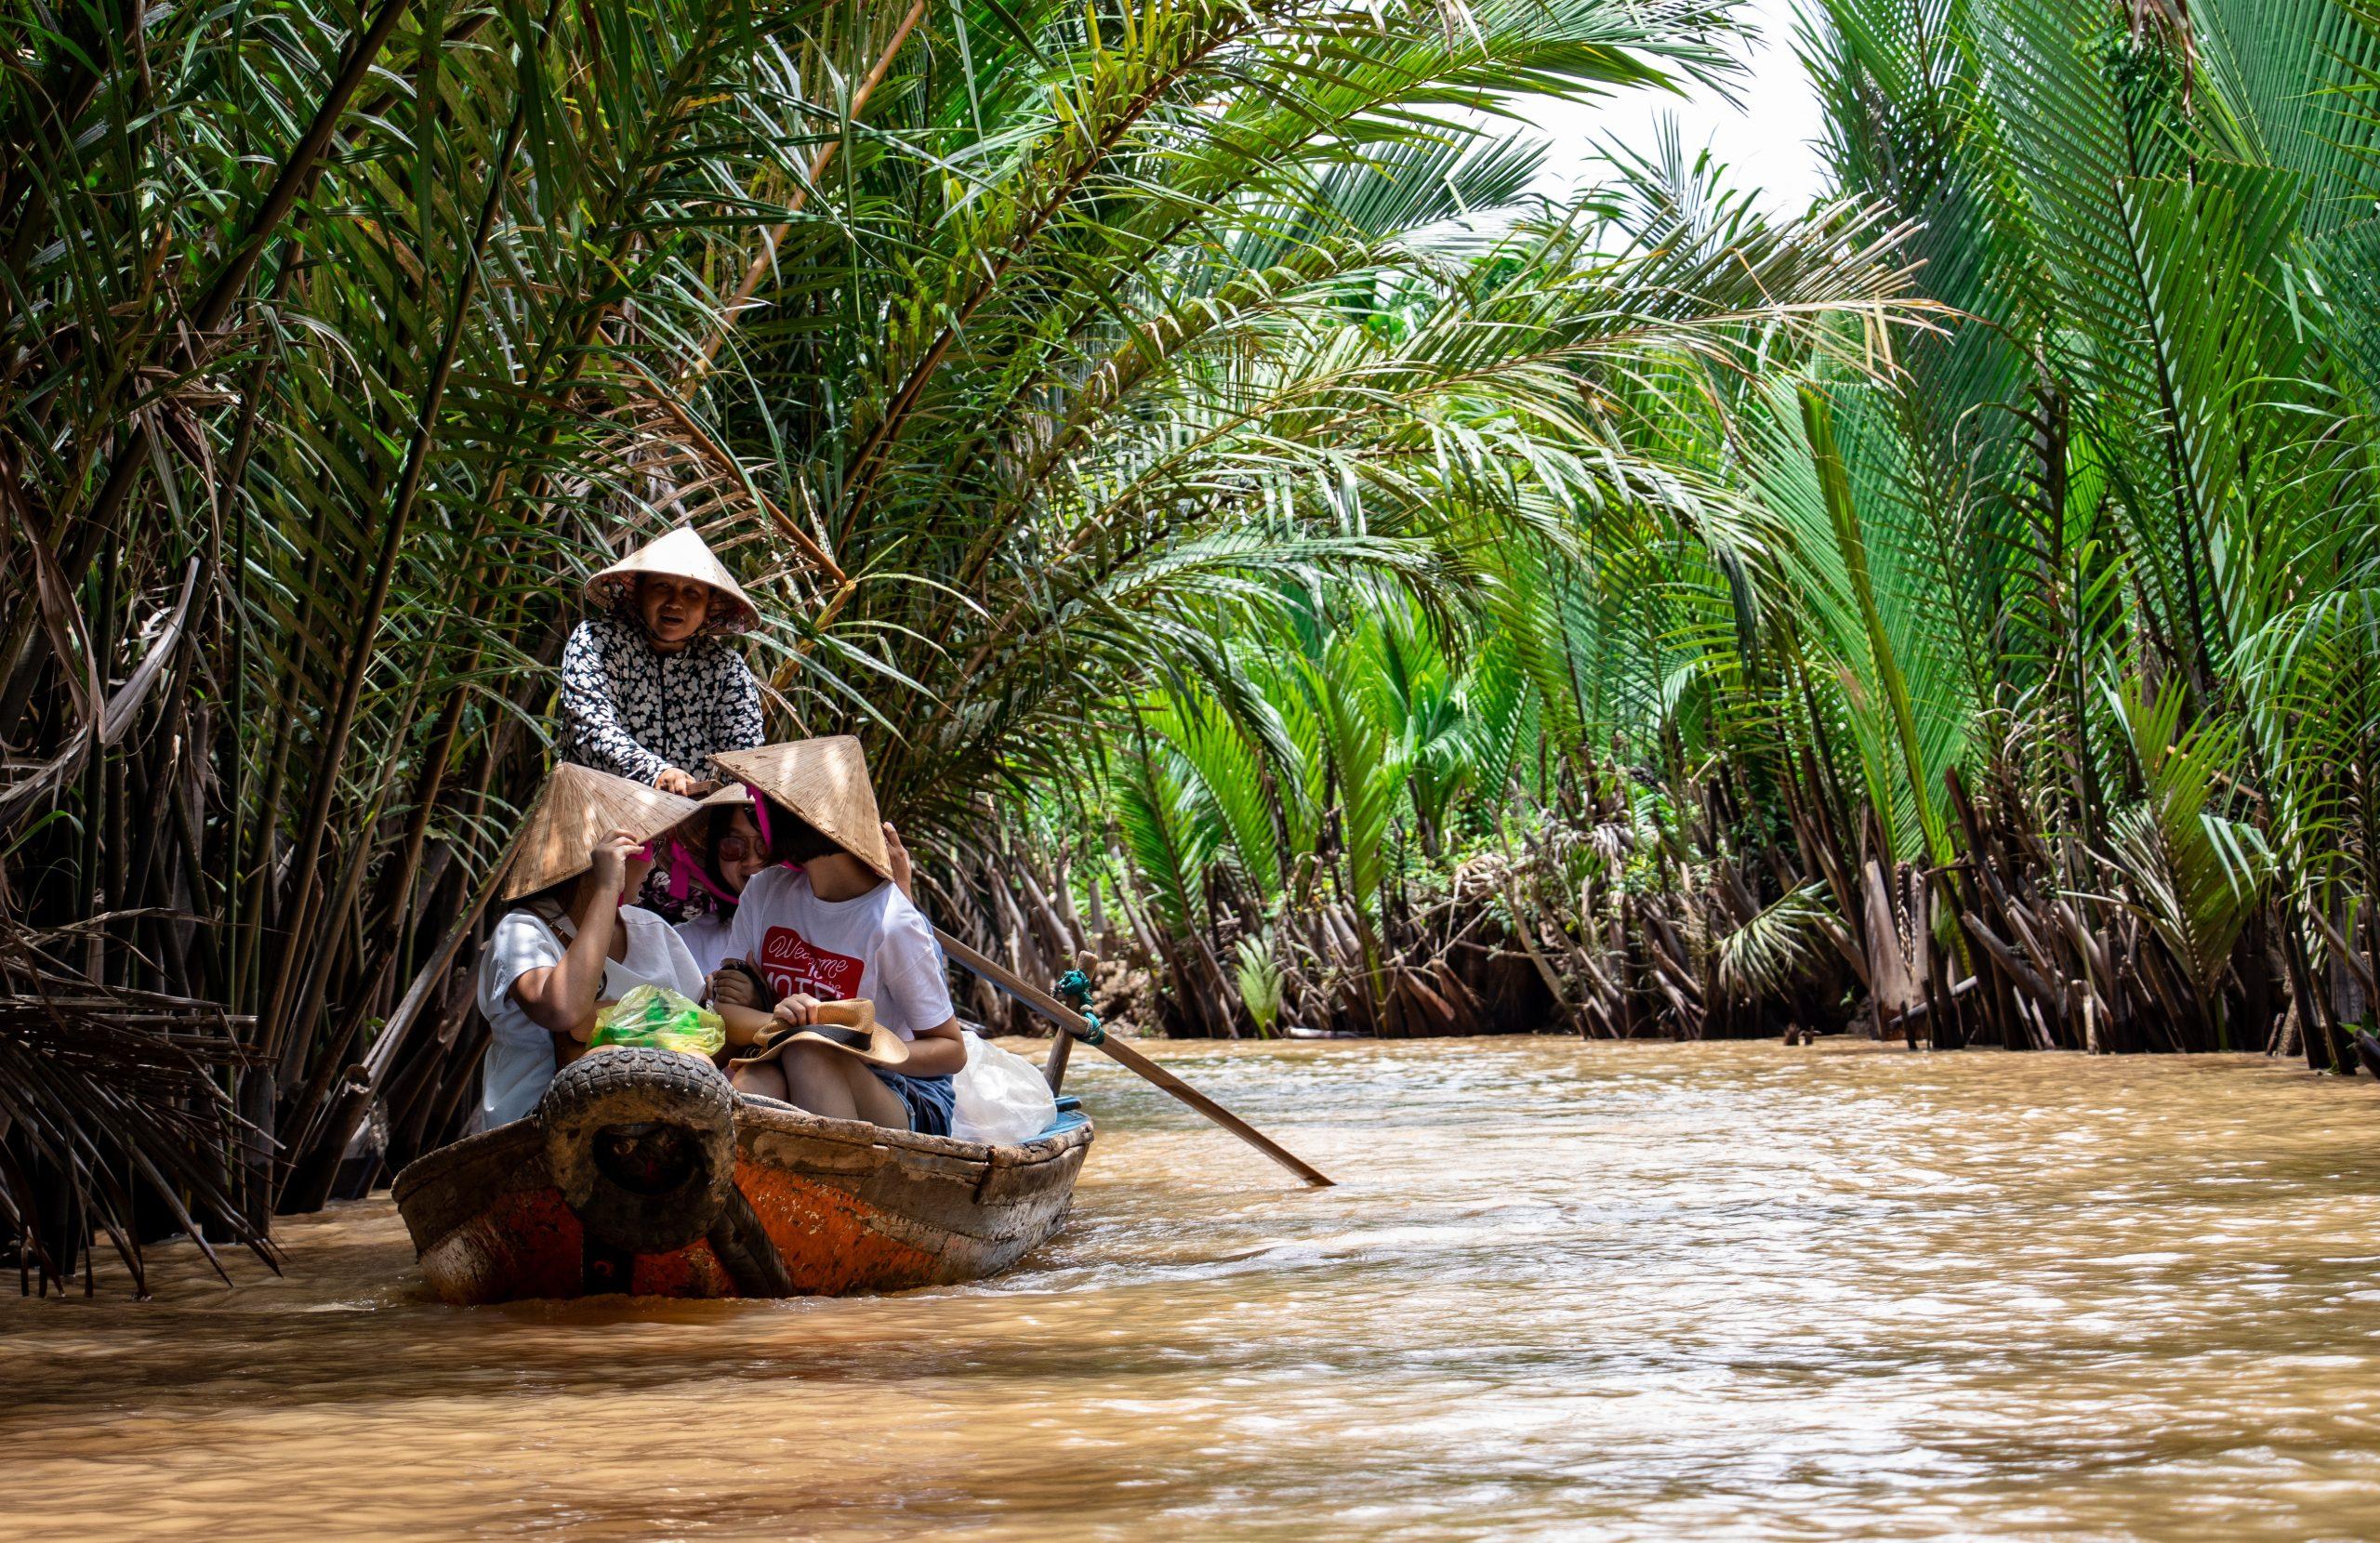 Mekong river delta cruise in Vietnam